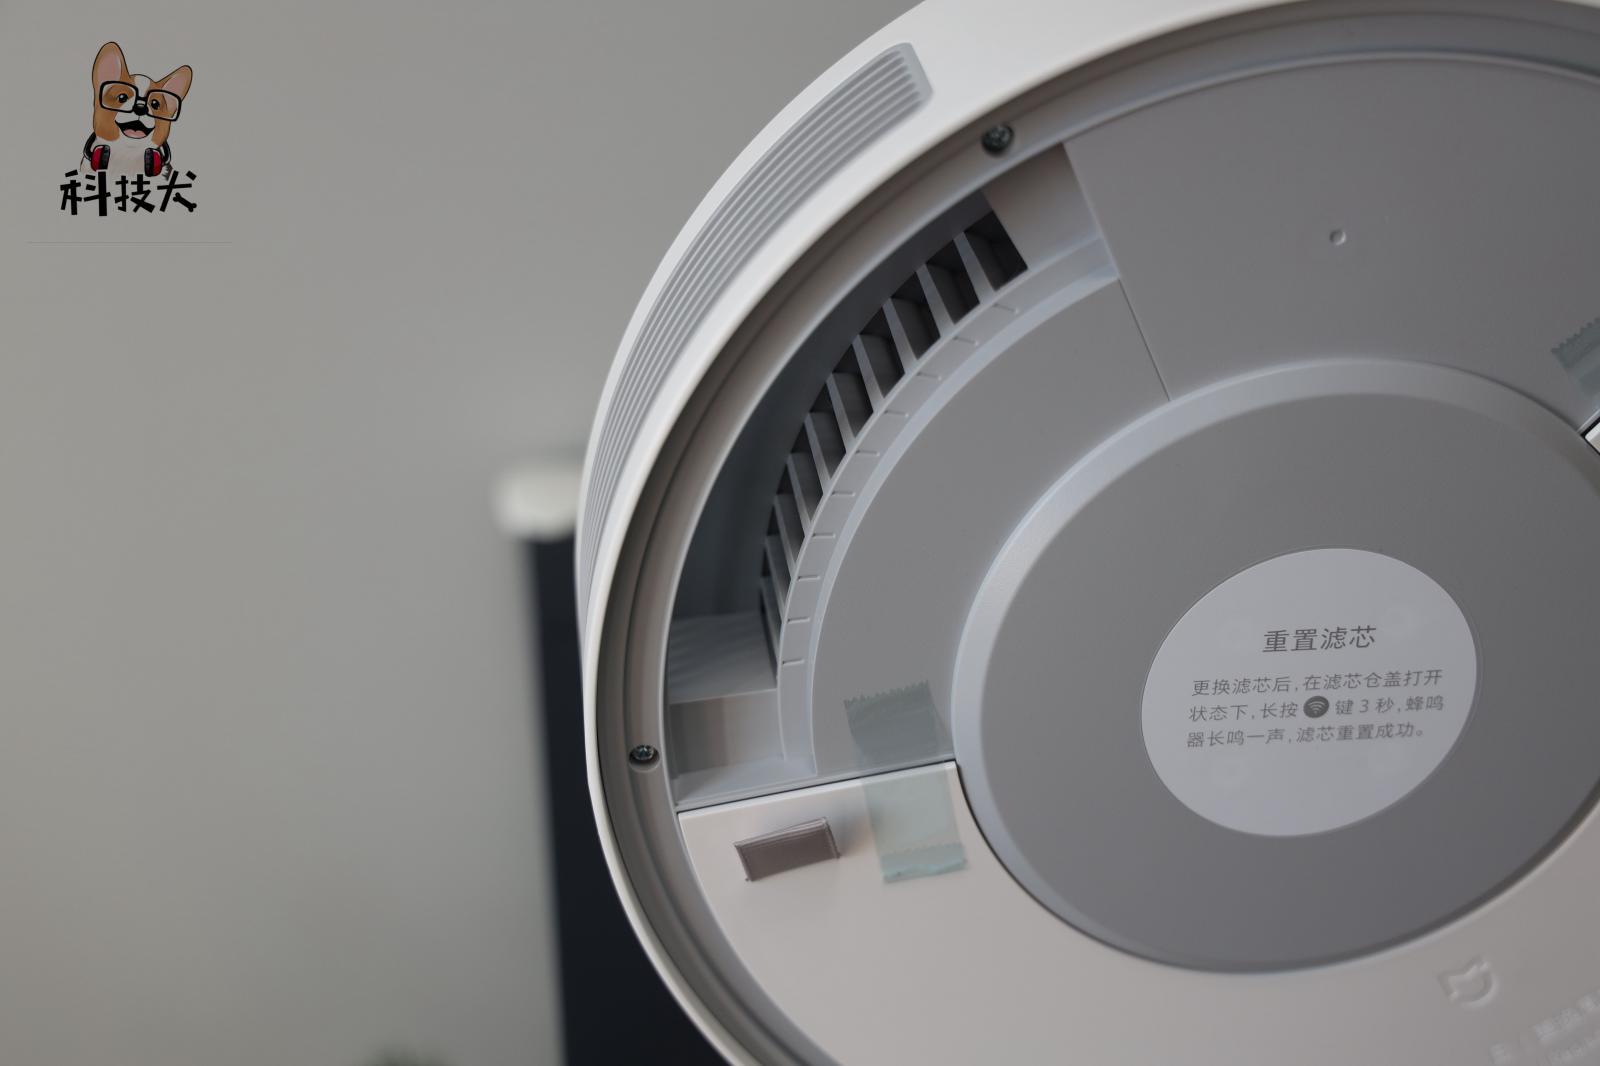 米家桌面空气净化器评测:精准净化个人呼吸圈 抵抗季节过敏